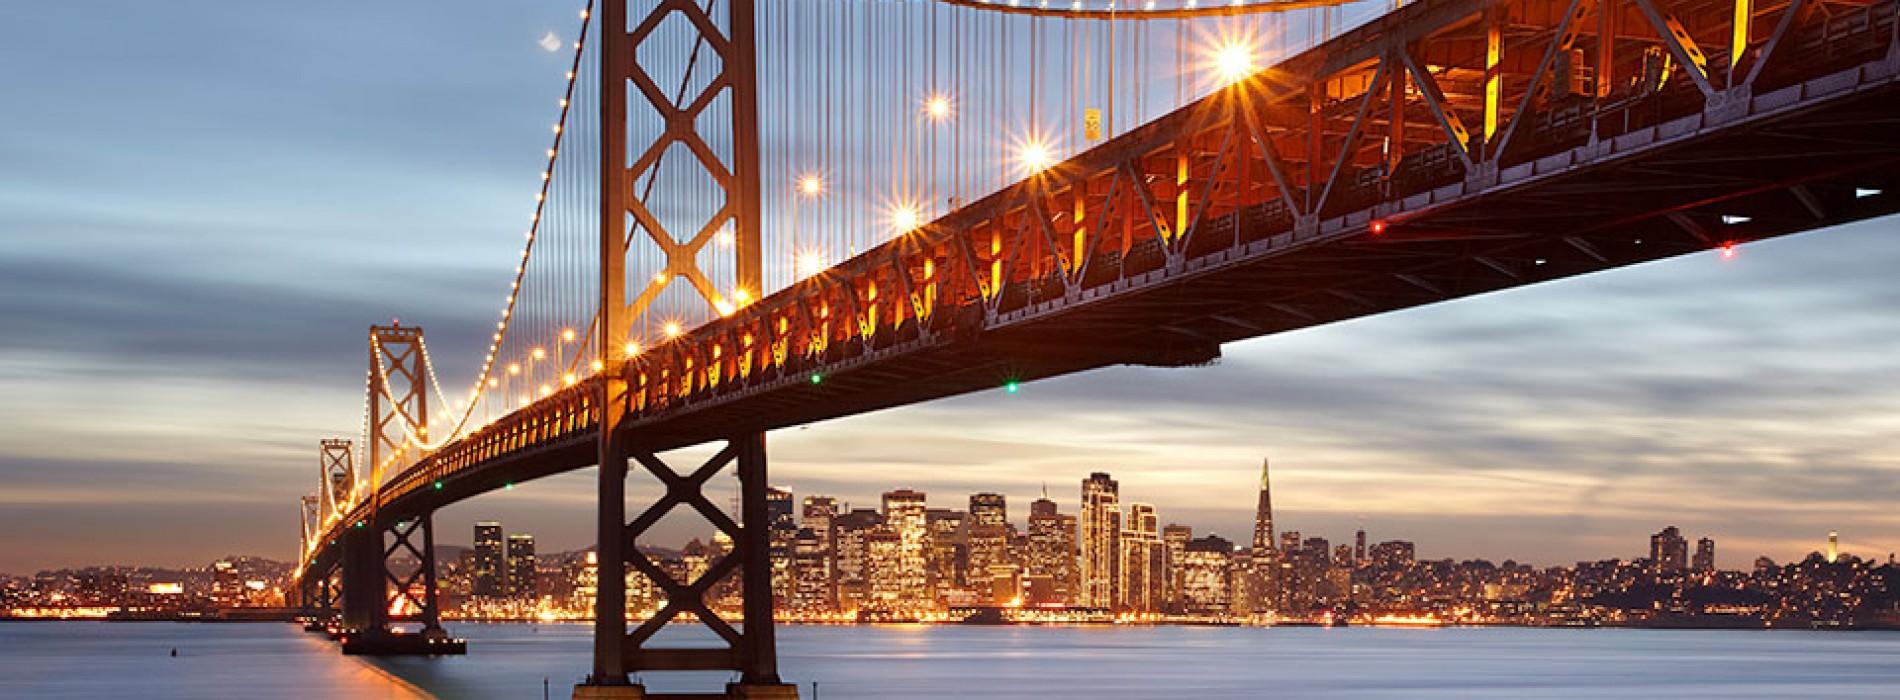 APPNATION V returns to San Francisco on December 3